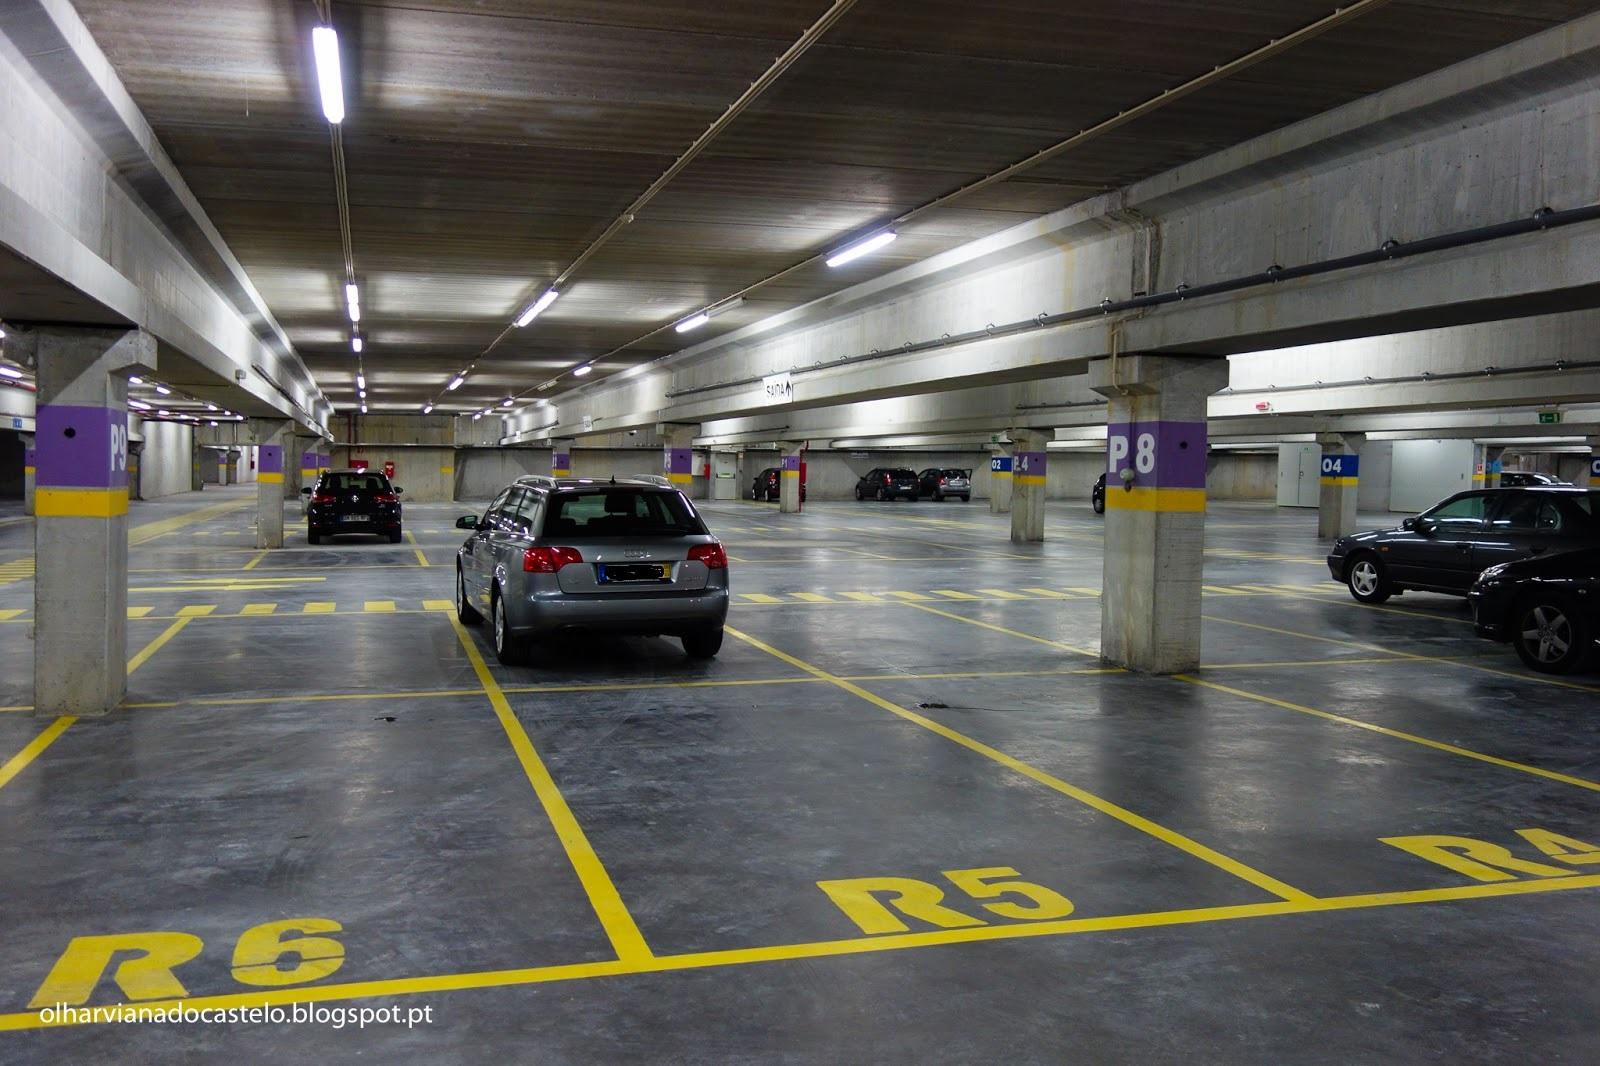 Estacionar no parque do Campo d'Agonia é gratuito a partir de 5ª feira e até dia 21